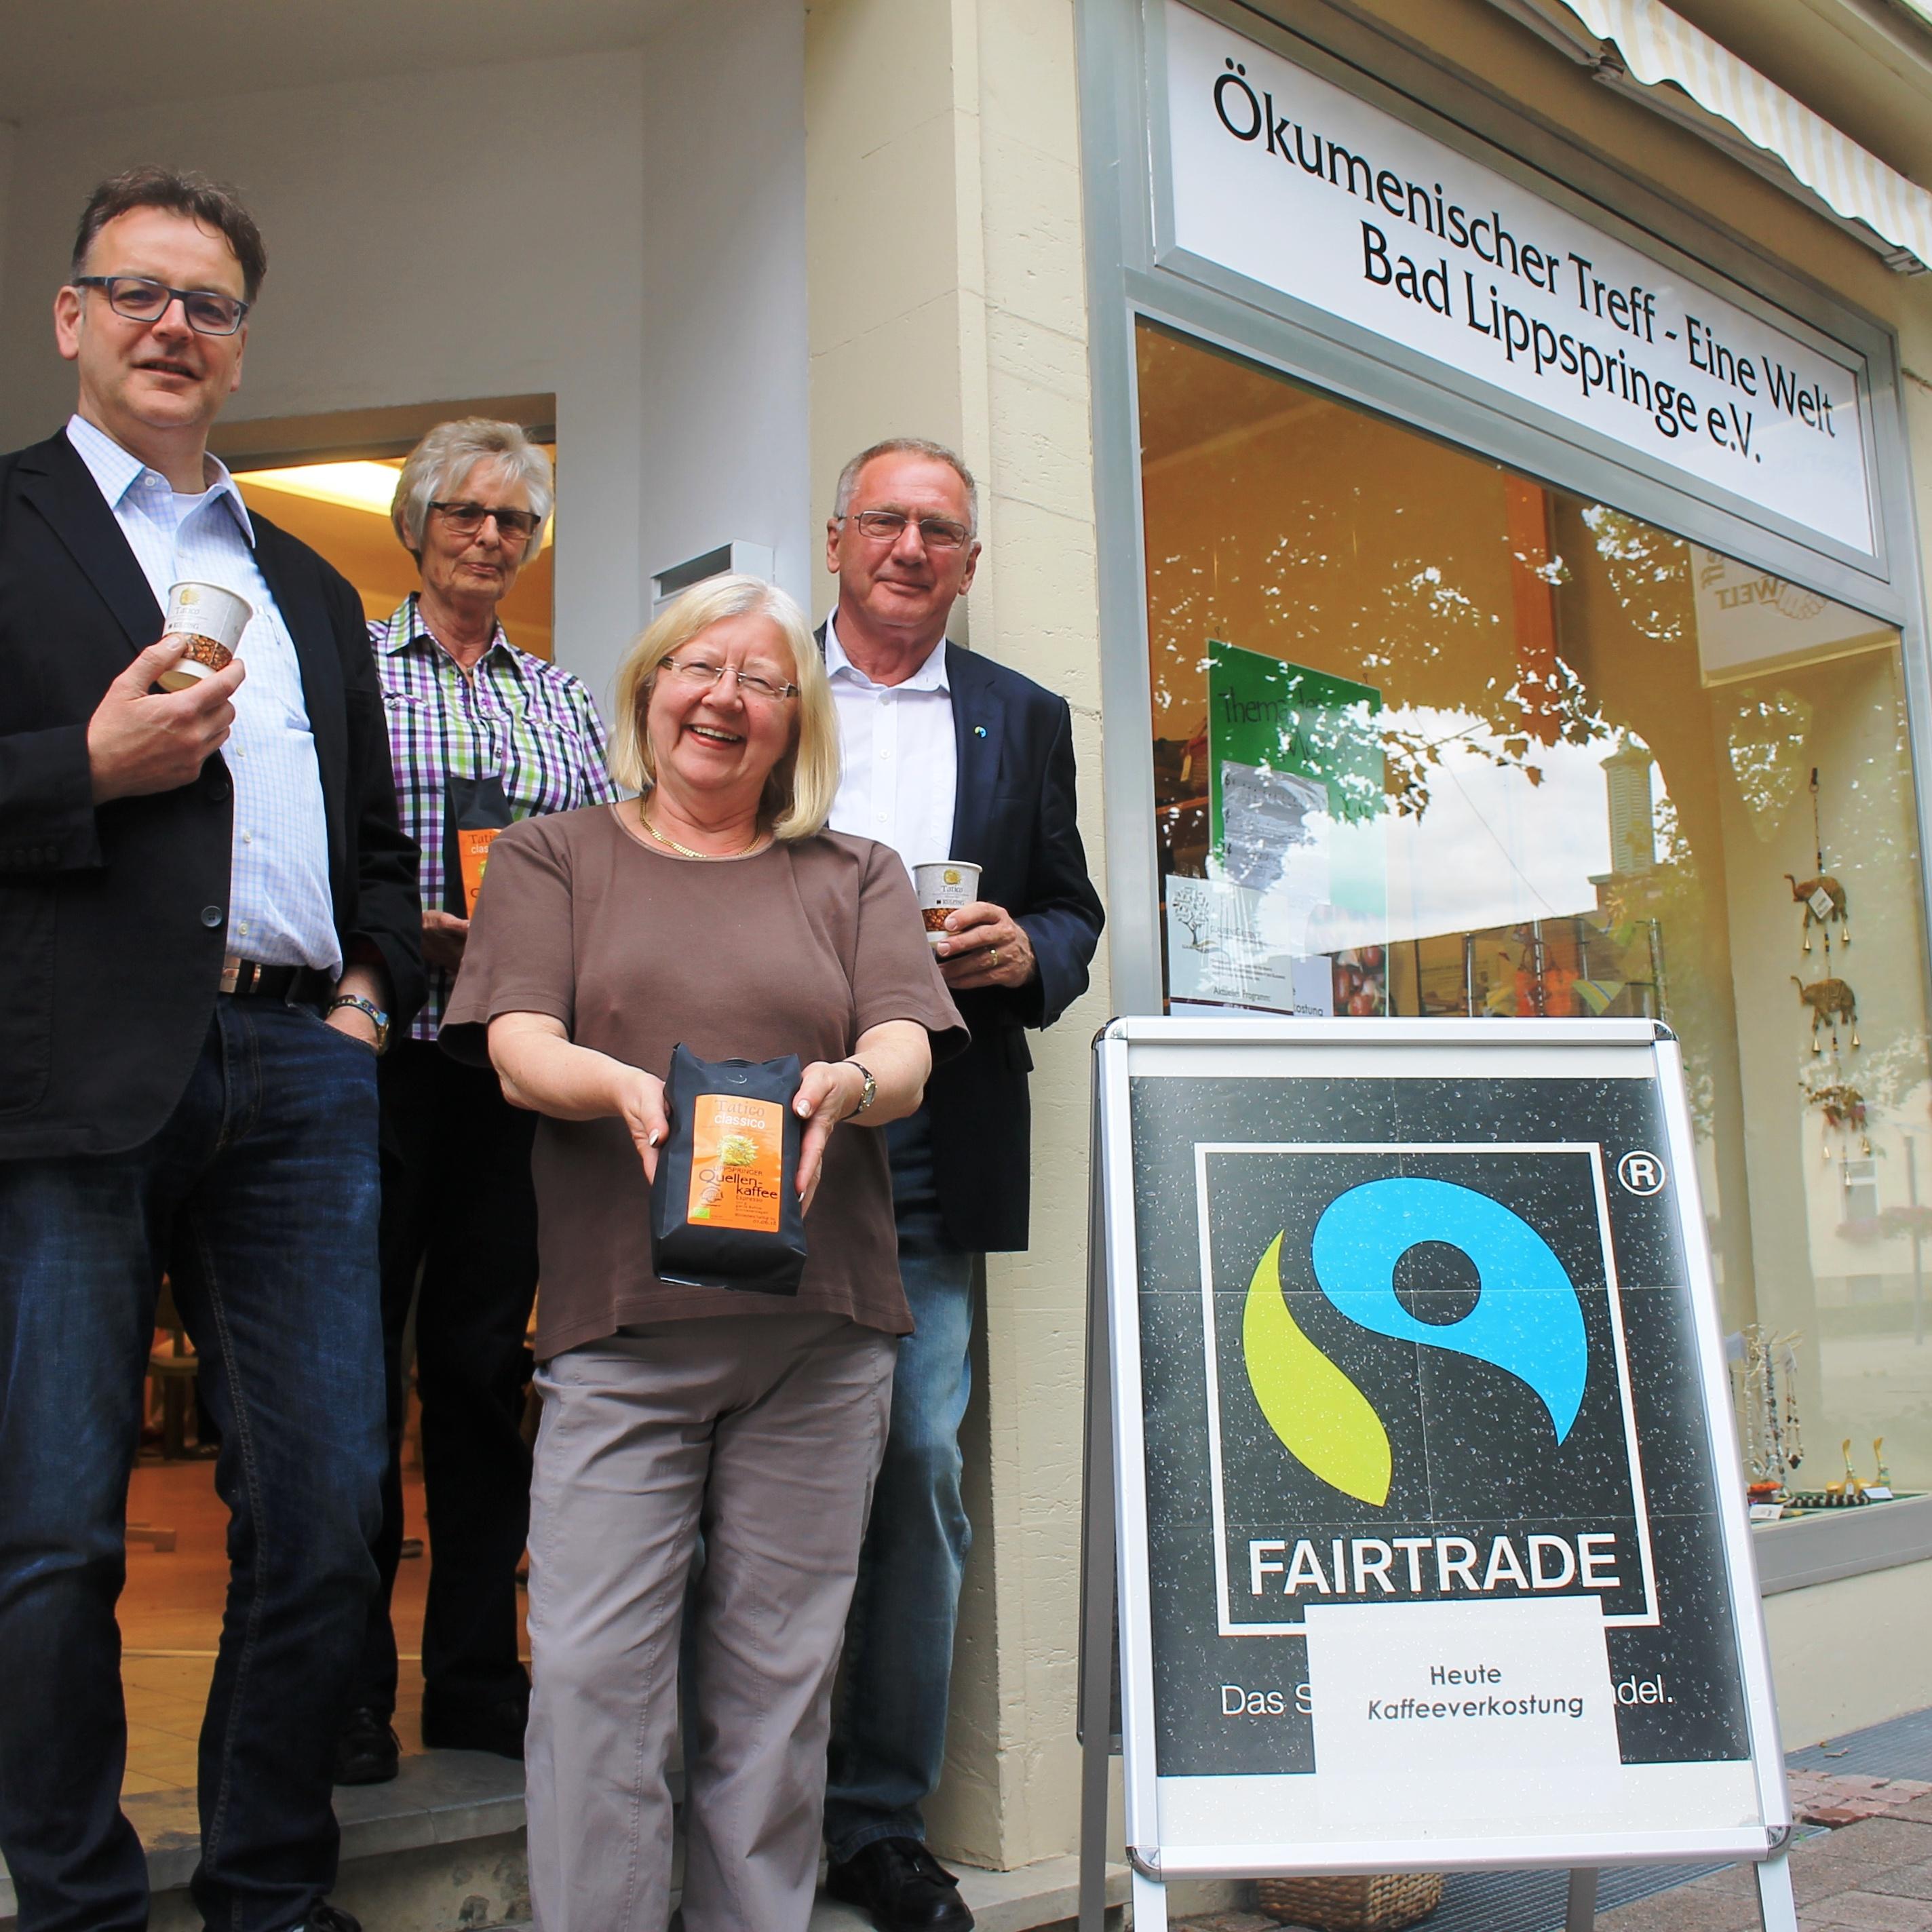 Kaffeeröster Klaus Langen gab wertvolle Infos zu fair gehandeltem Kaffee FairTrade-Kaffee zum Probieren